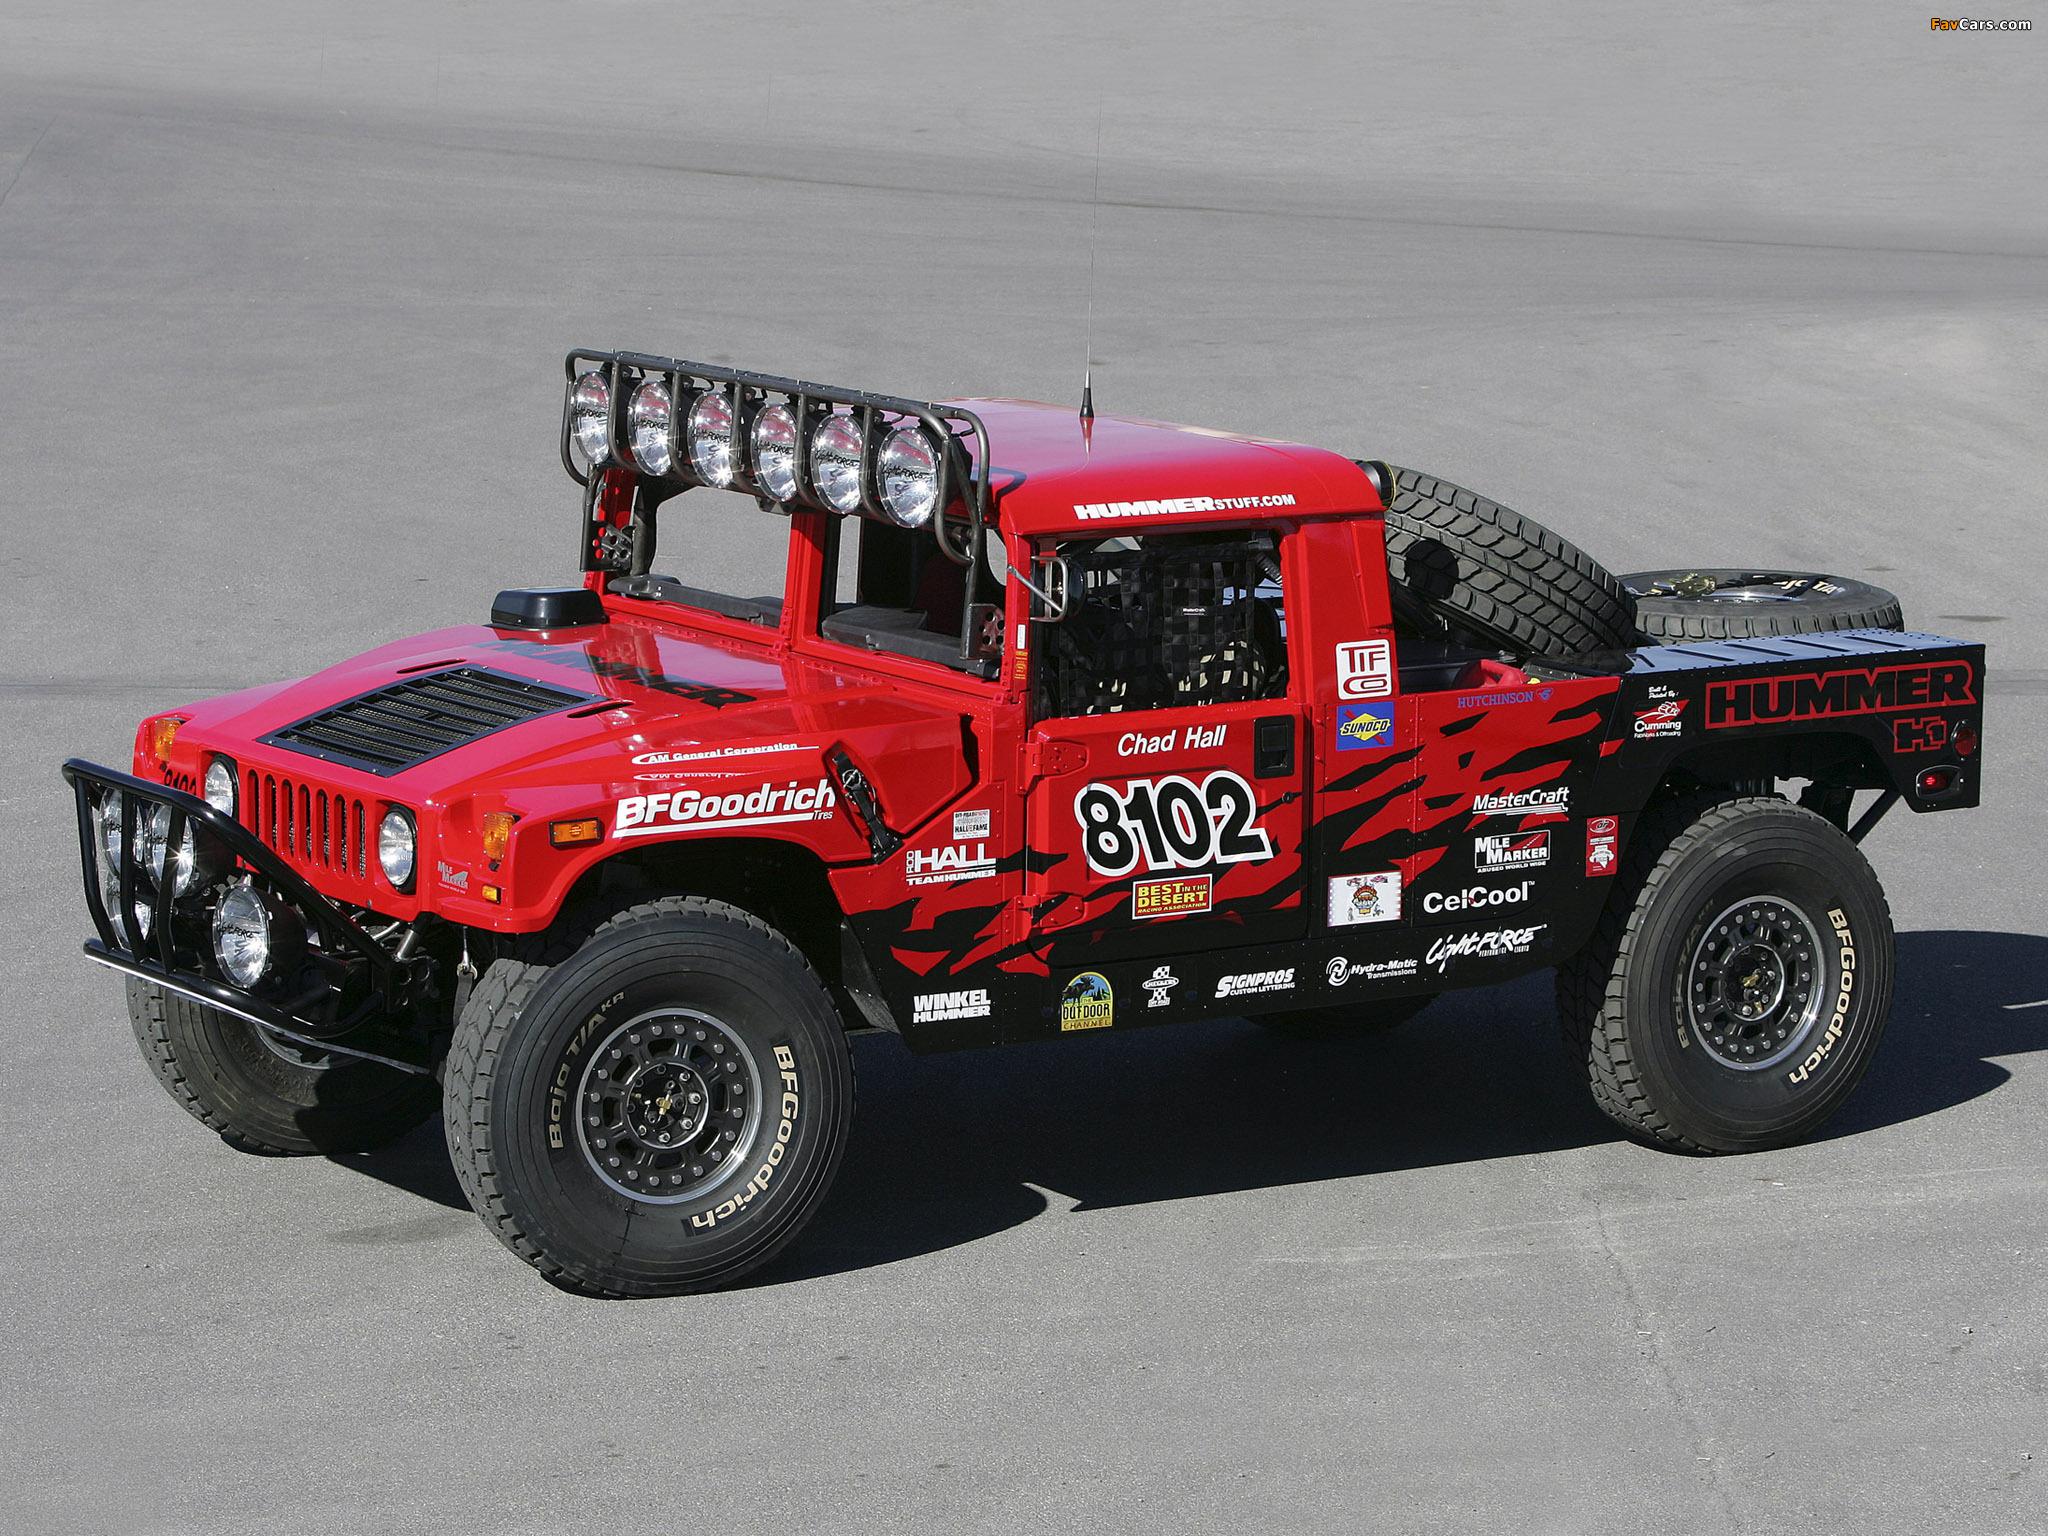 H1 Alpha Race Truck 2006 wallpapers